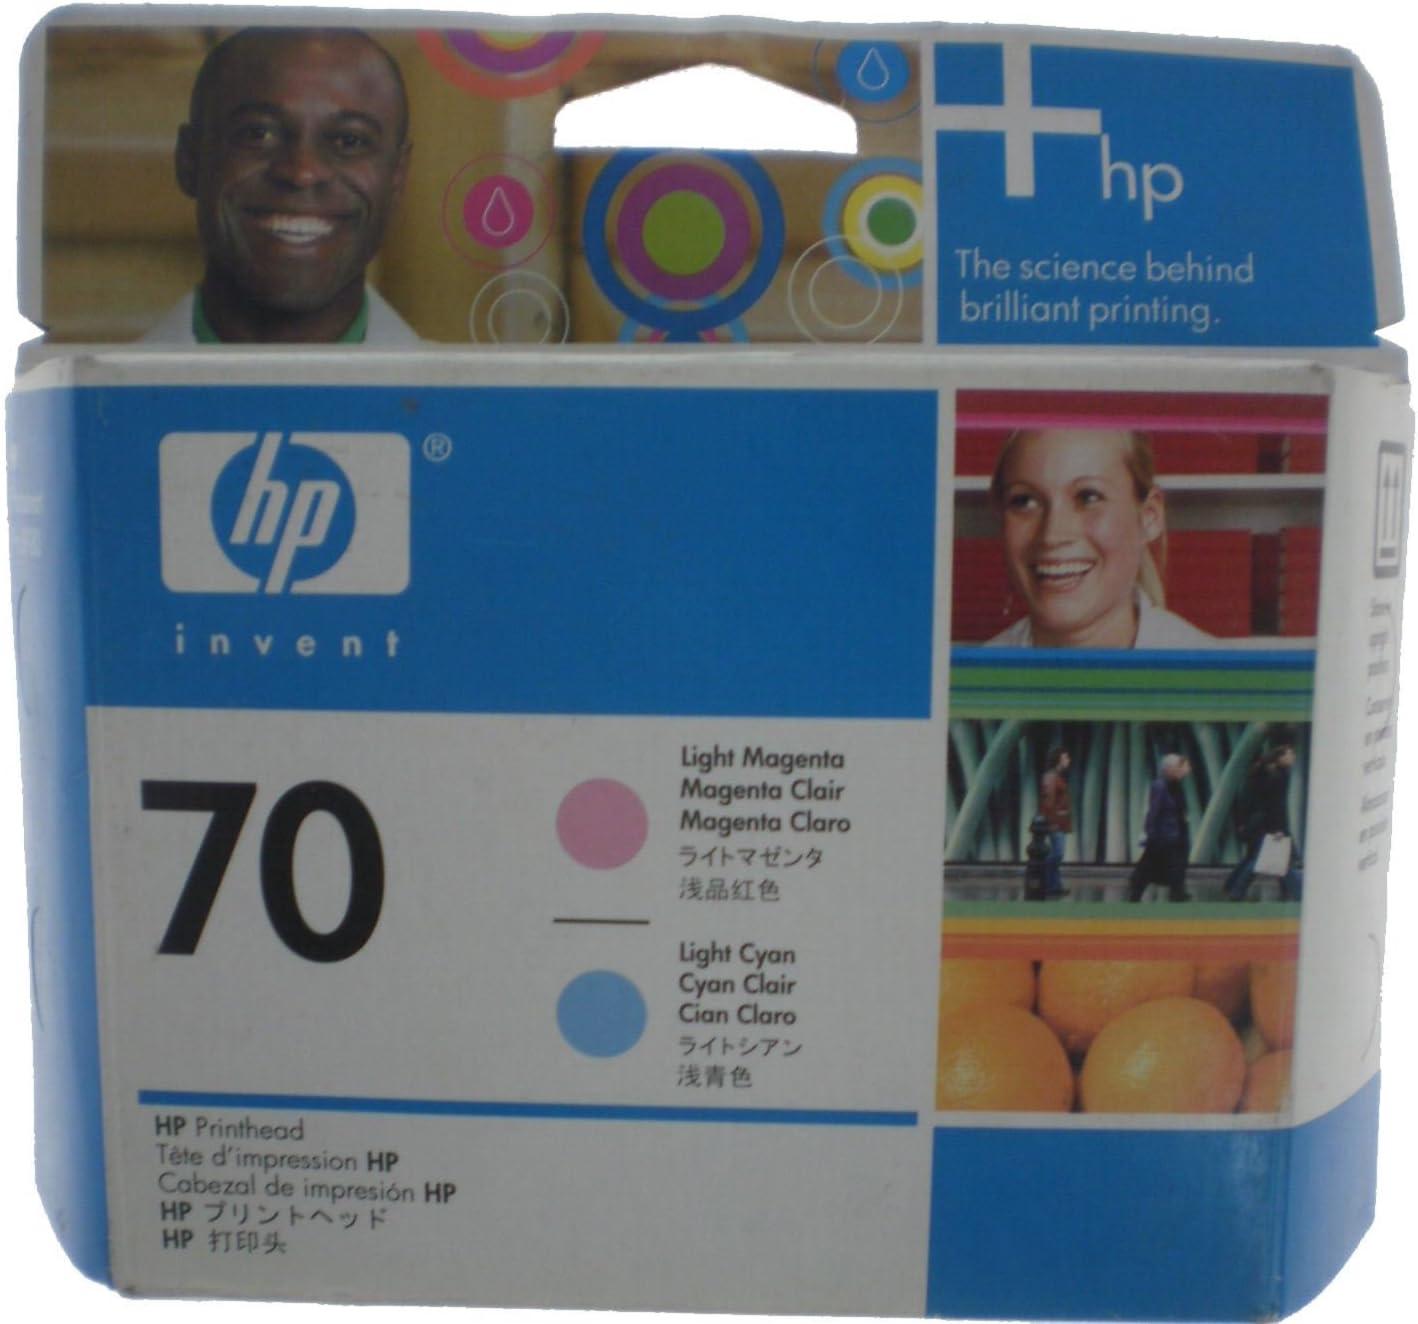 HP Cabezal de impresión Magenta Claro y Cian Claro HP 70 70 ...